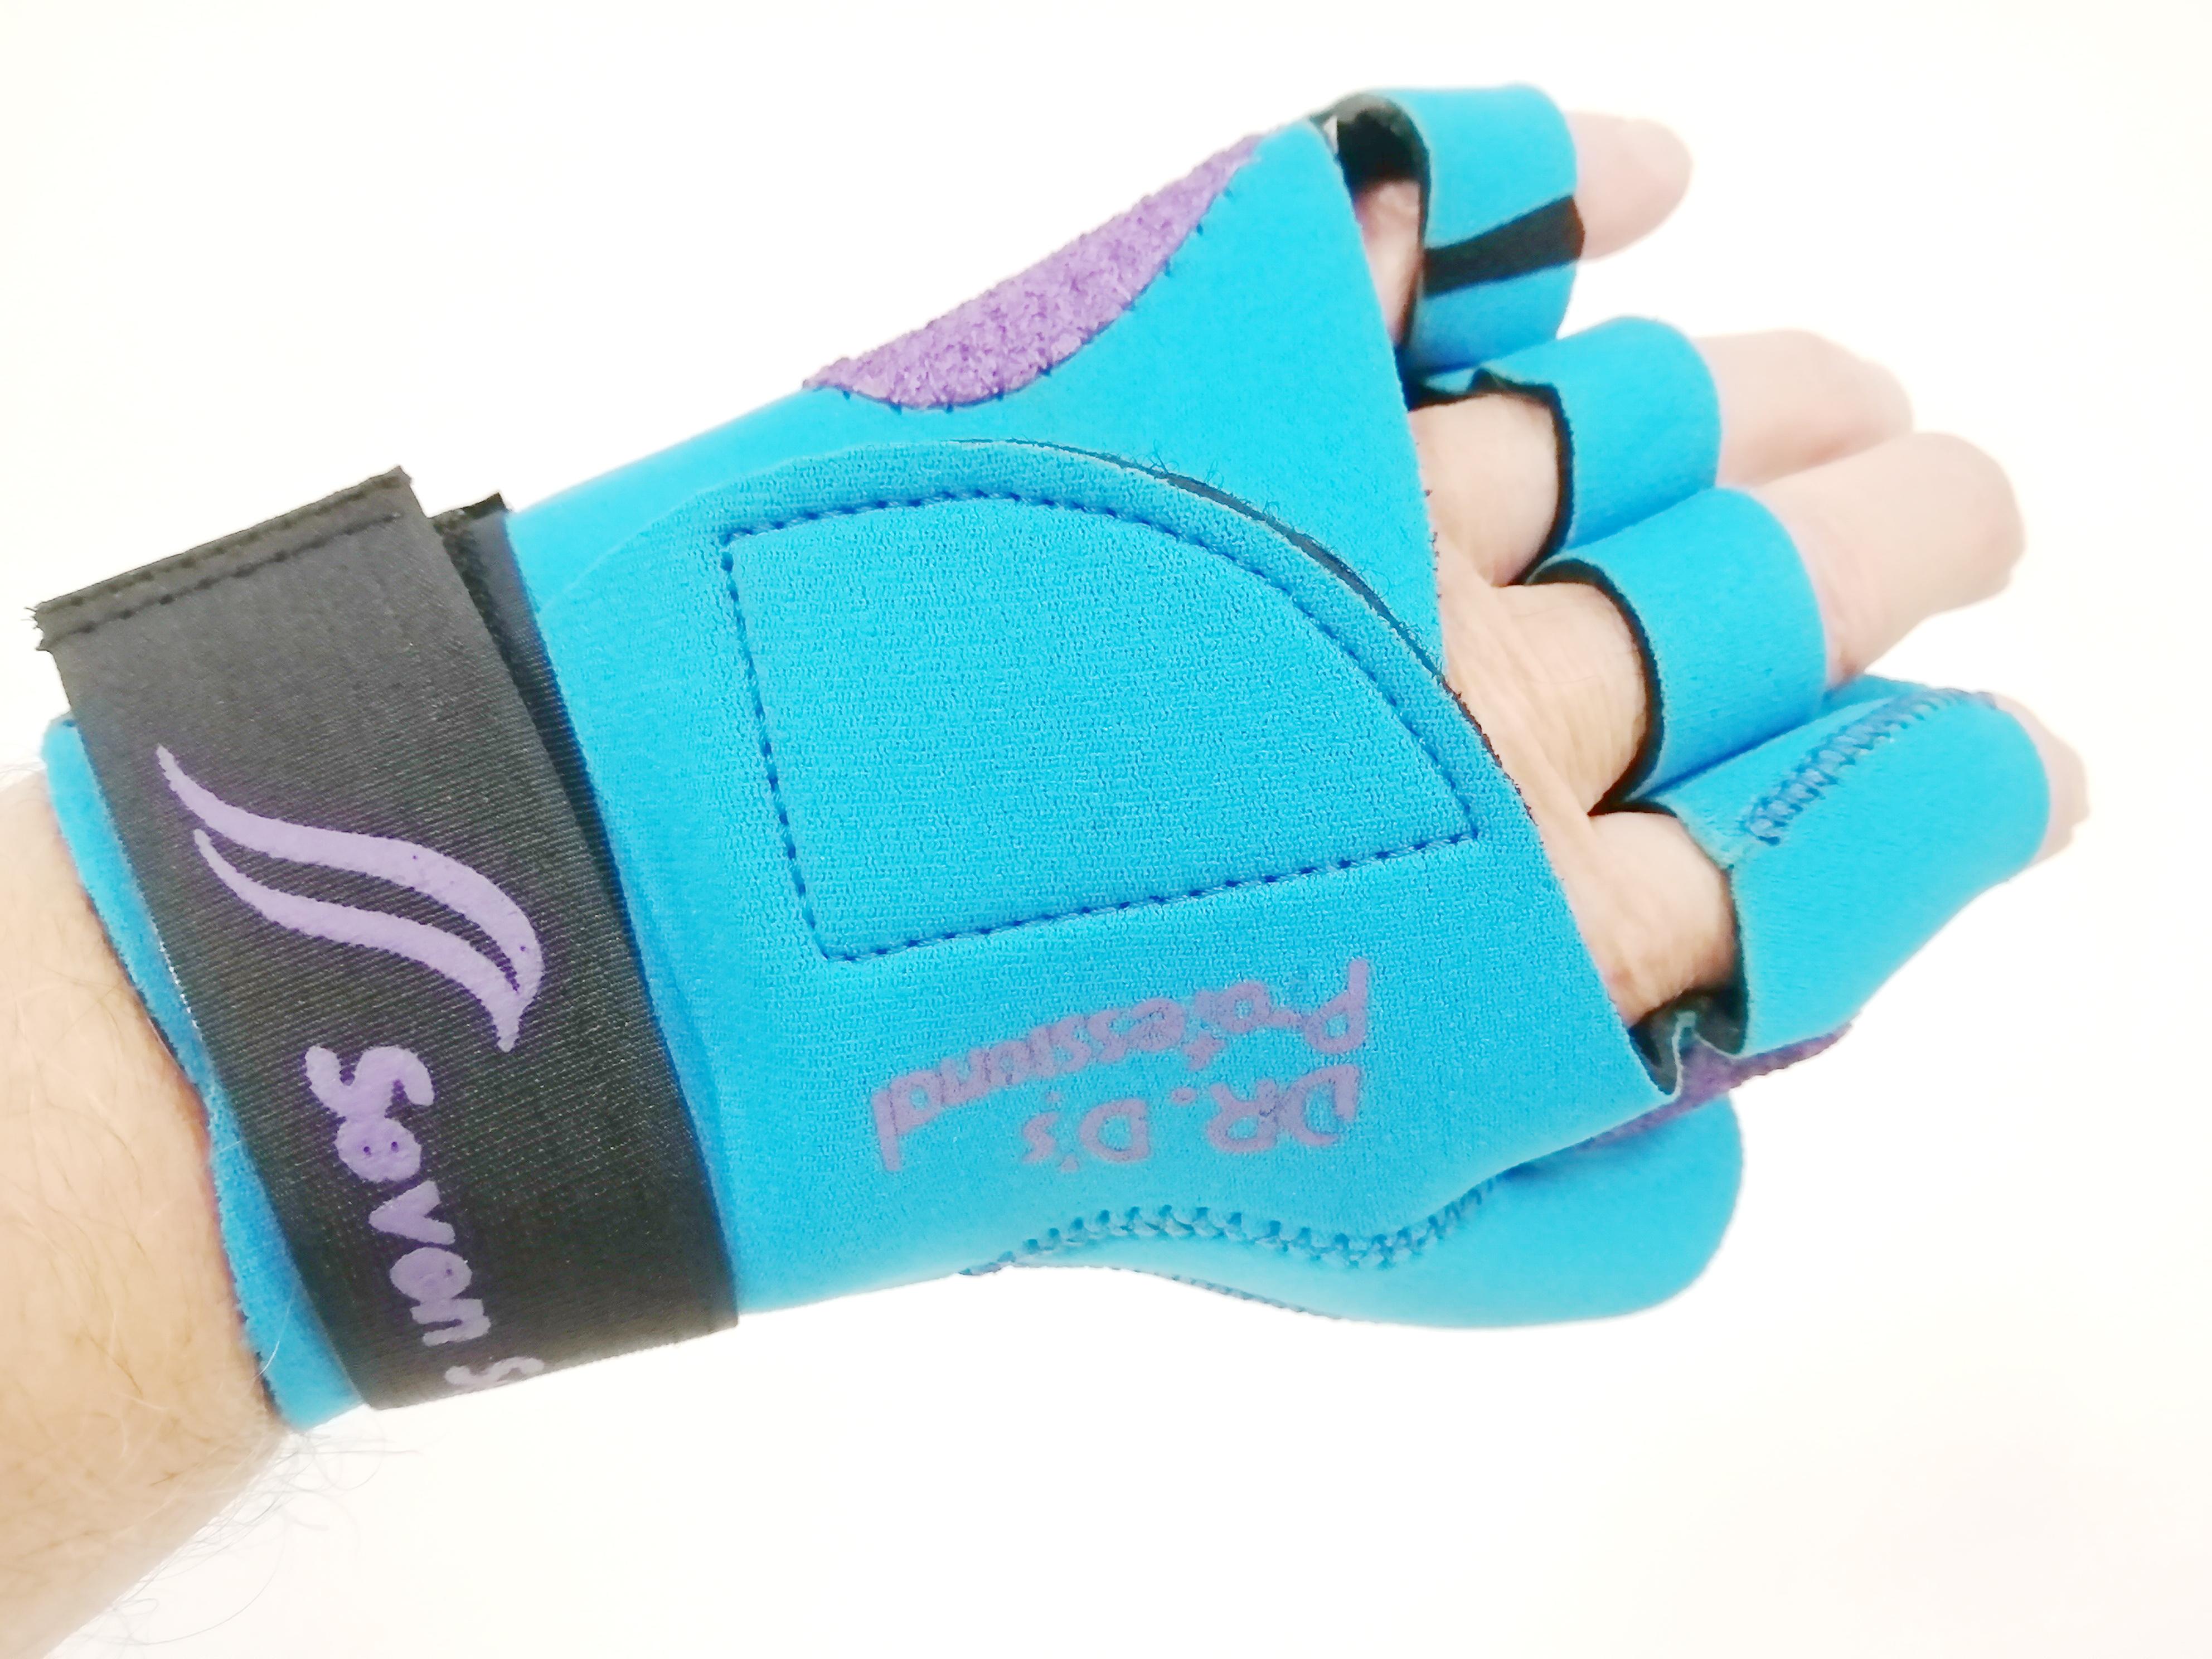 Handschuh .Finger Frei  Handschuh  für Segeln, Biking, climbing,Angeln    Modell Dr.D